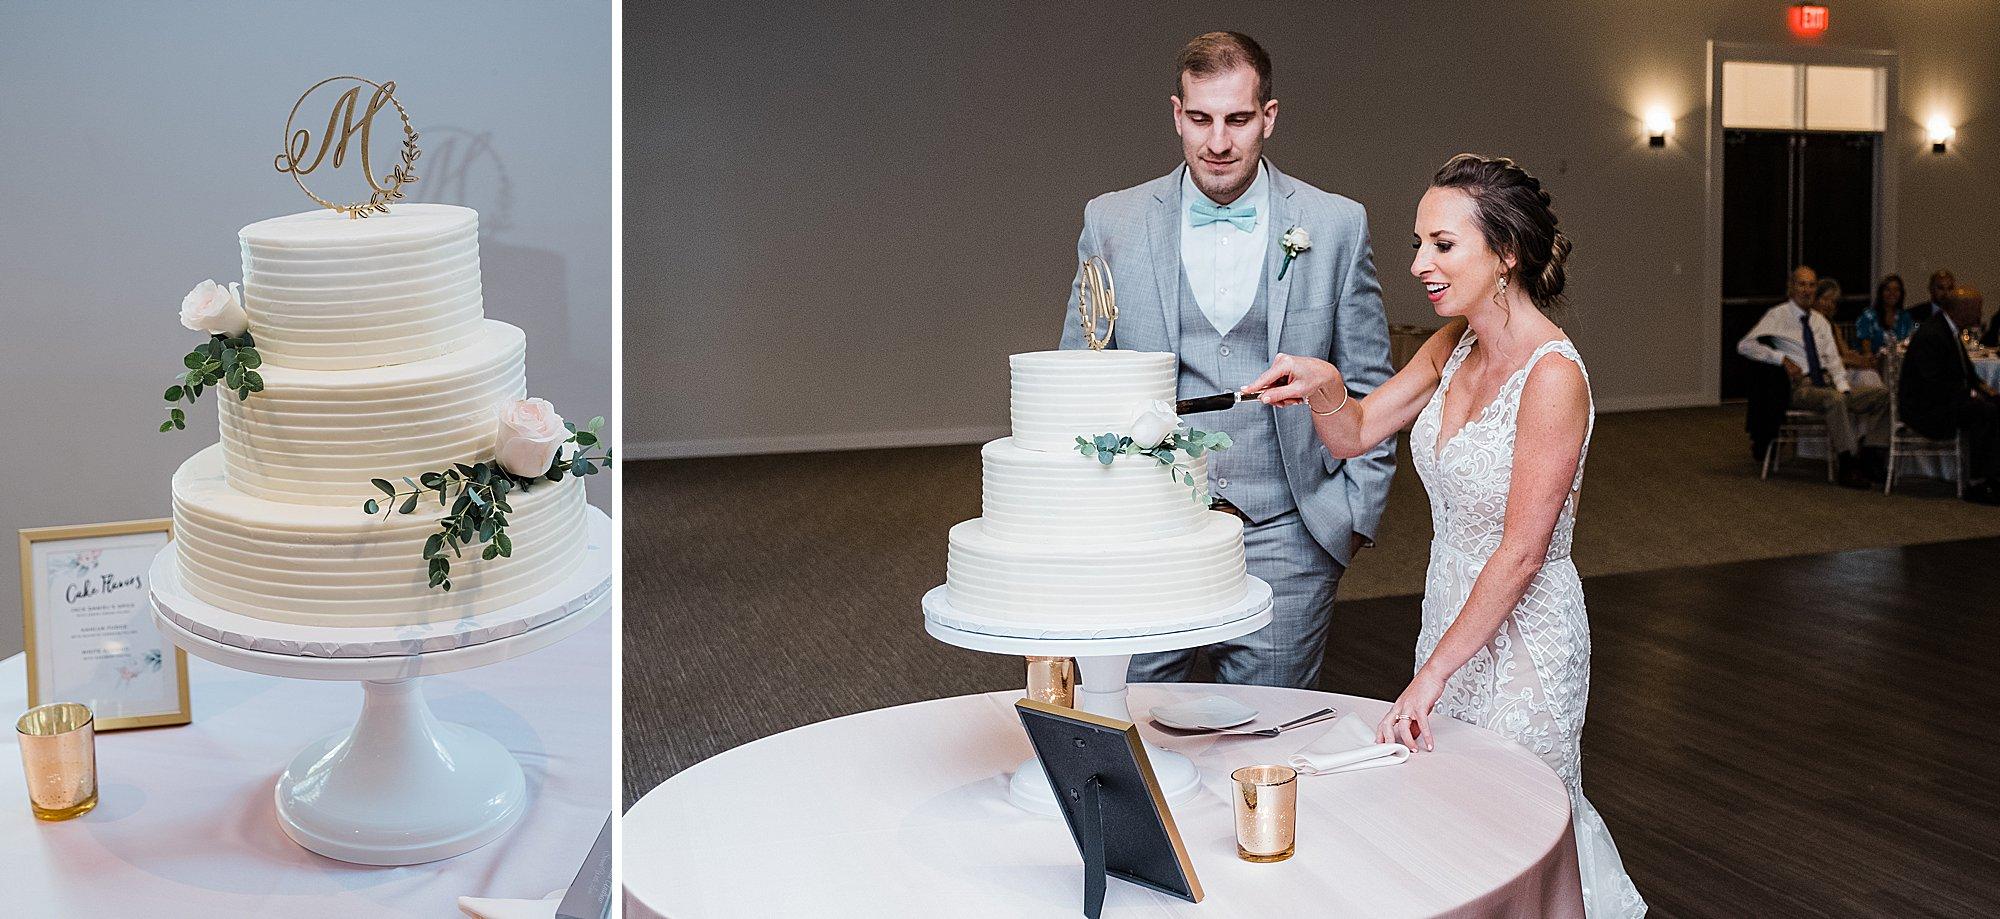 blog-maurer-wedding_041.jpg